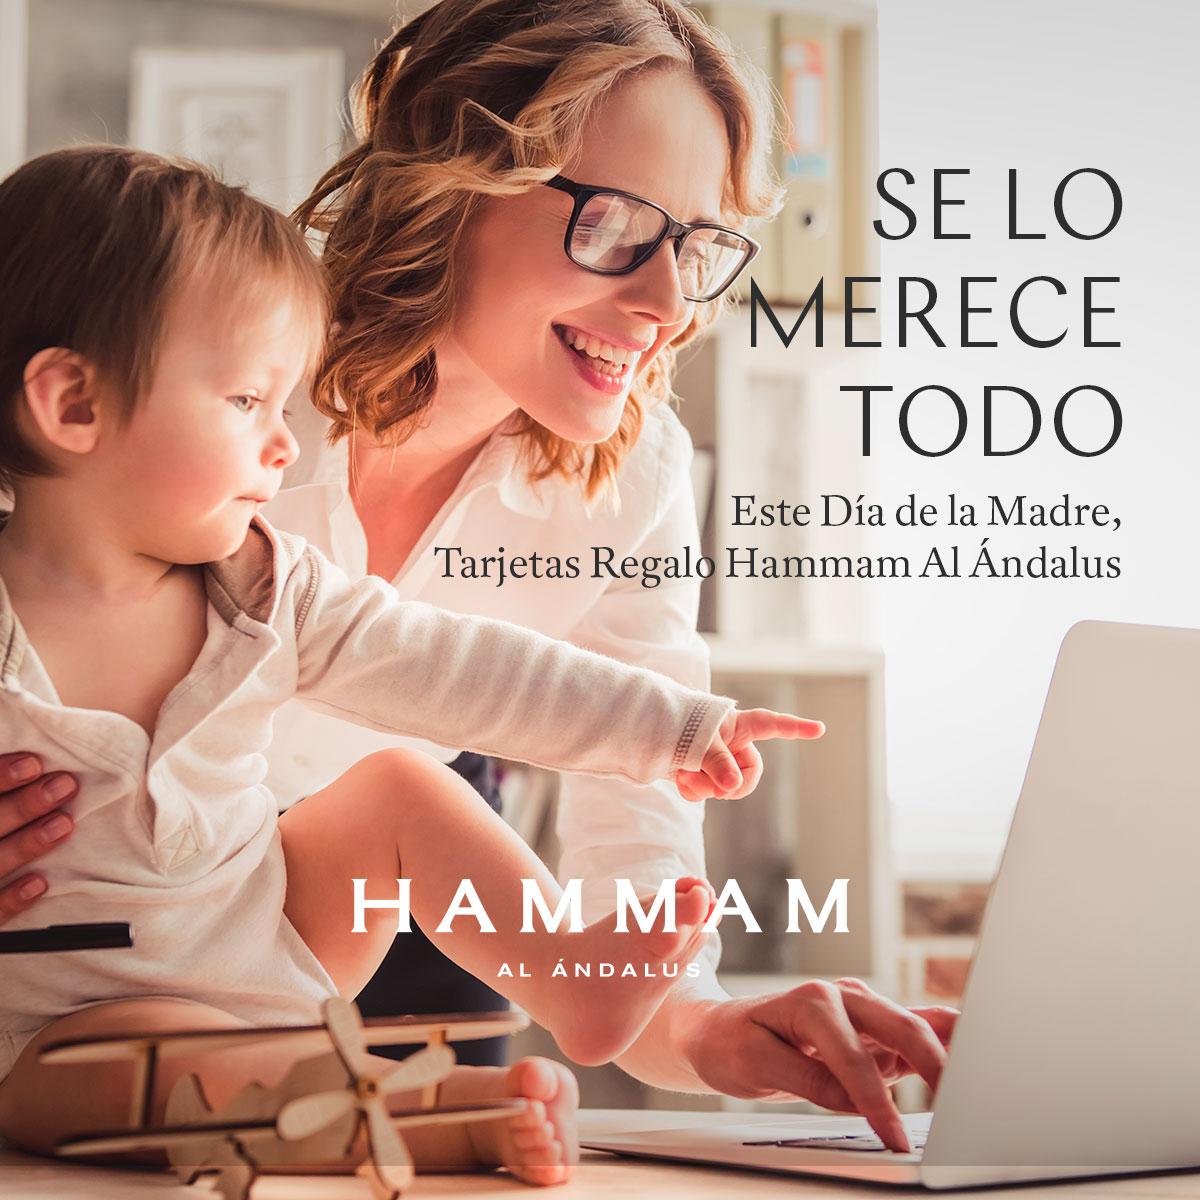 MIMMA15 para 2 Hammam Al Ándalus